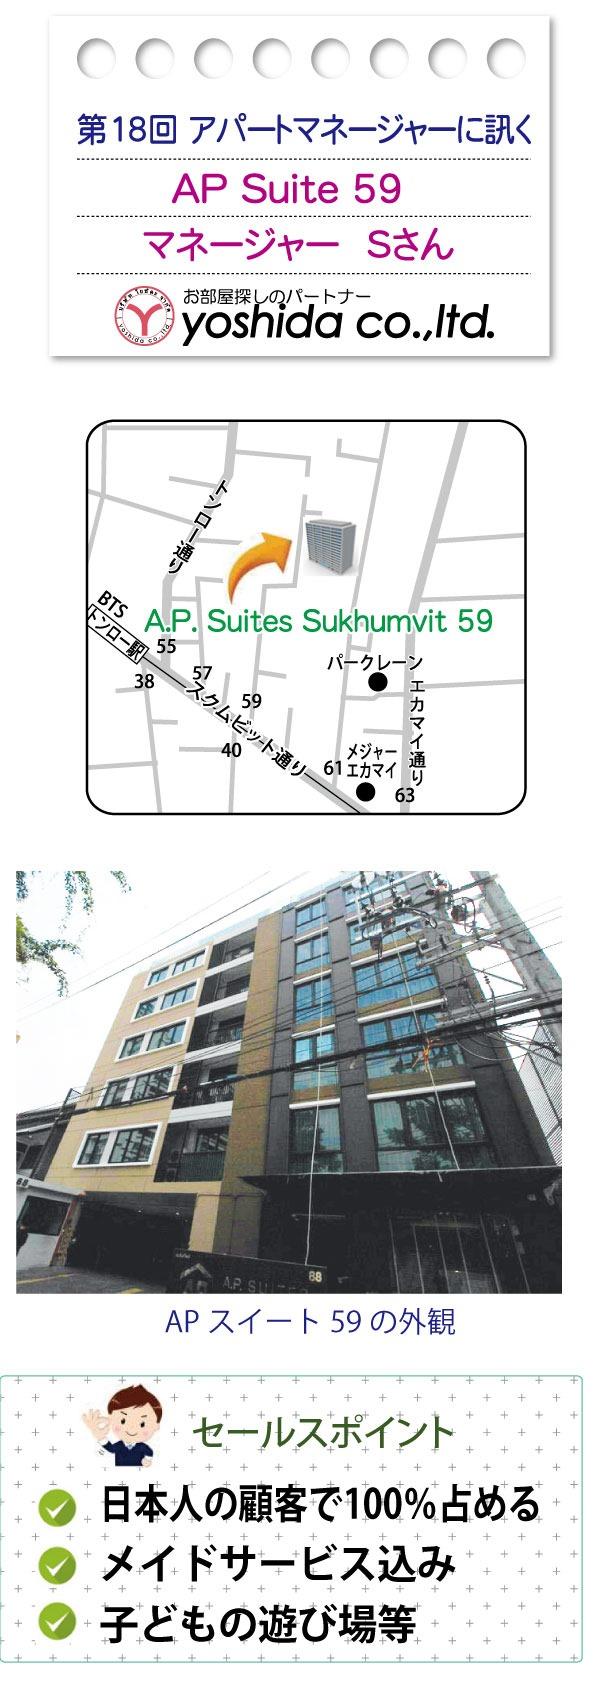 ヨシダ不動産の「アパートマネージャーに訊く」第18回は「APスイーツ59」